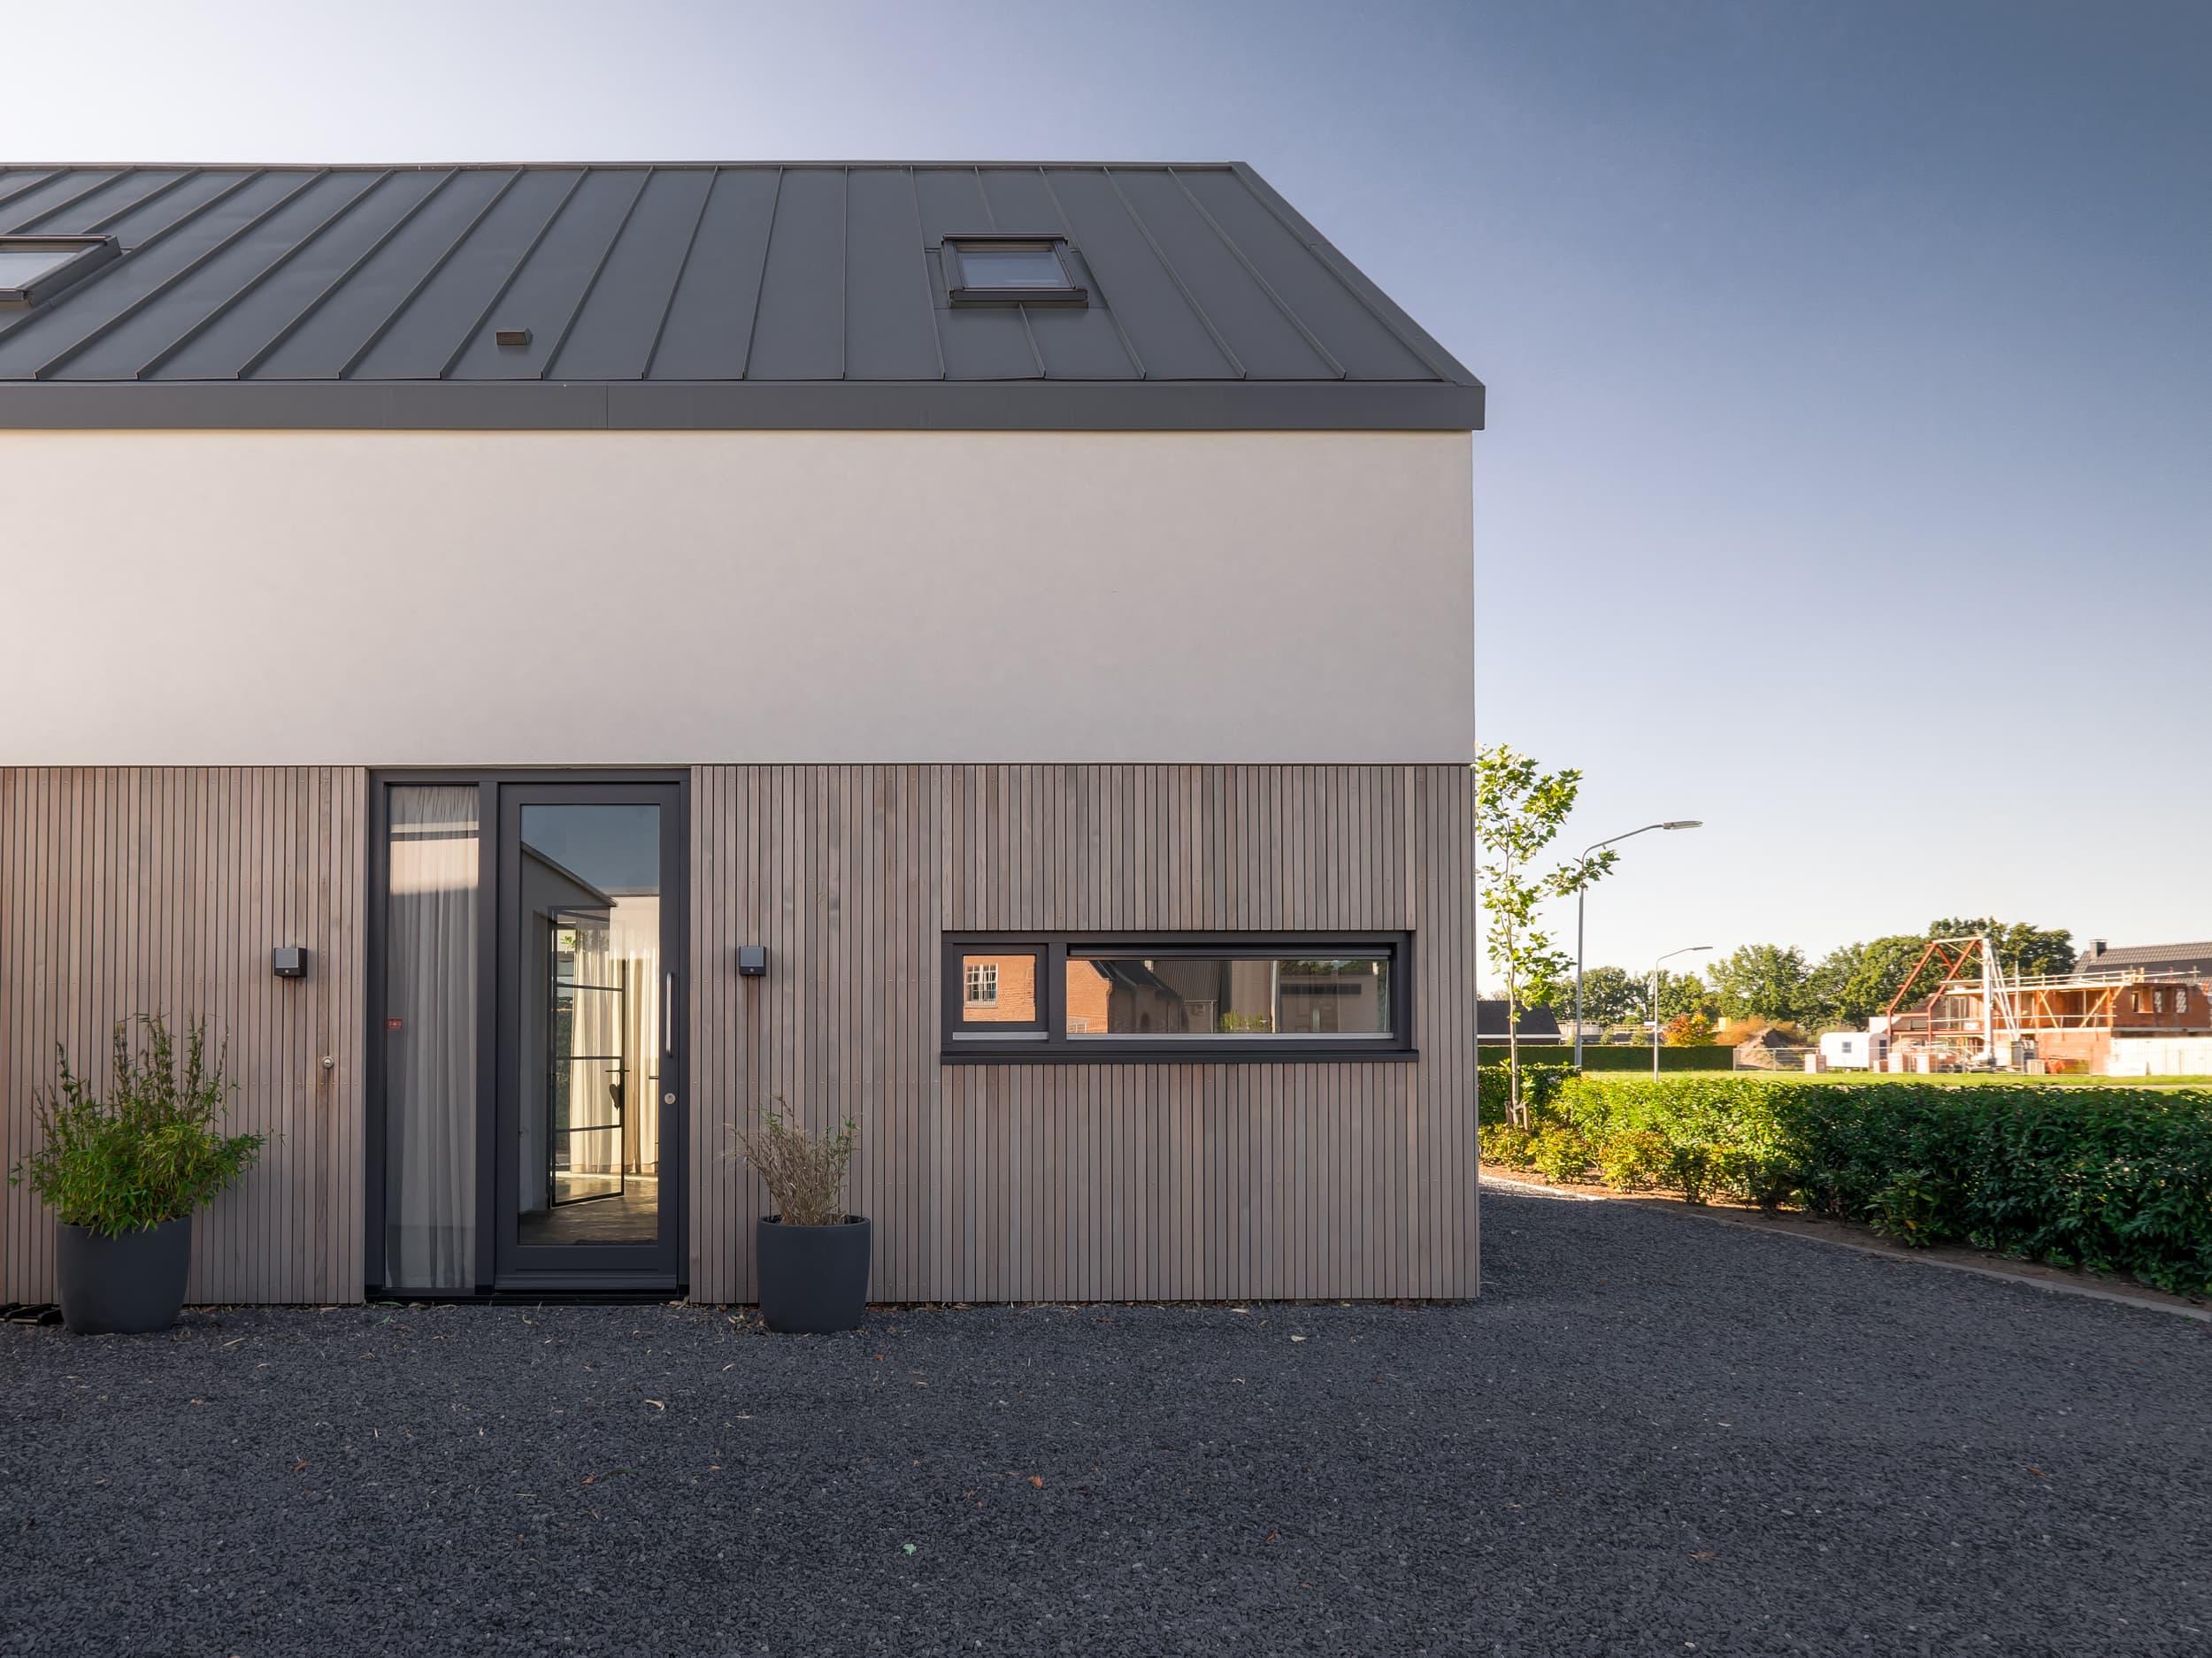 van-os-architecten-nieuwbouw-woning-Hoge-Gouw-Teteringen-entreedeur-in-houten-gevelbekleding